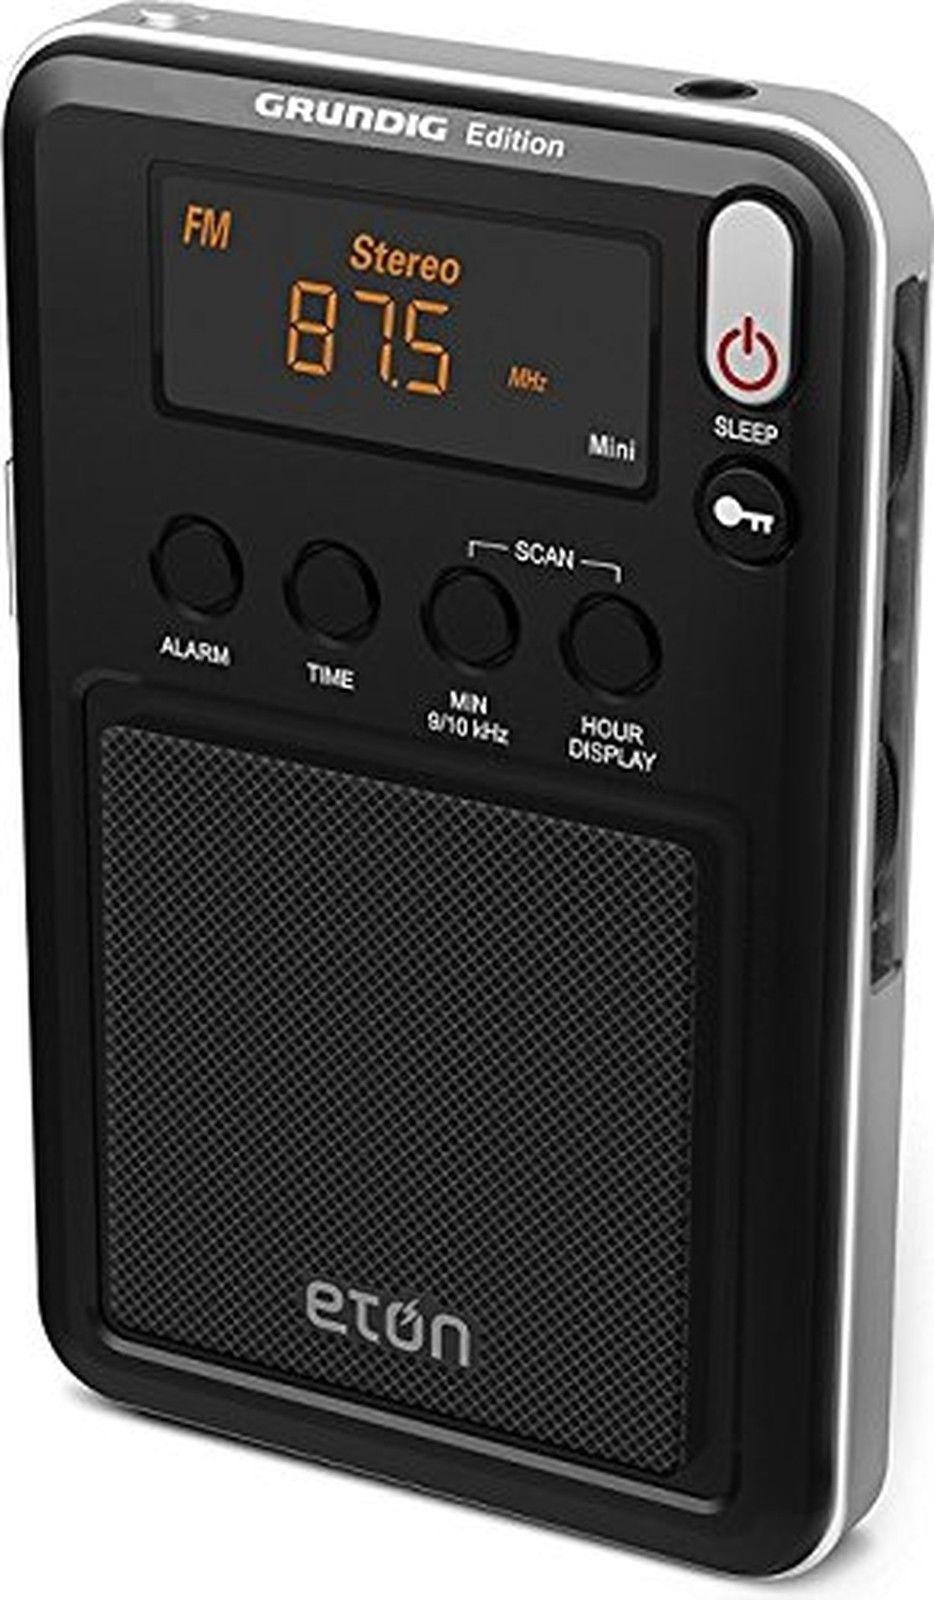 Đài radio cầm tay Grundig Edition Mini - AM/FM/Shortwave